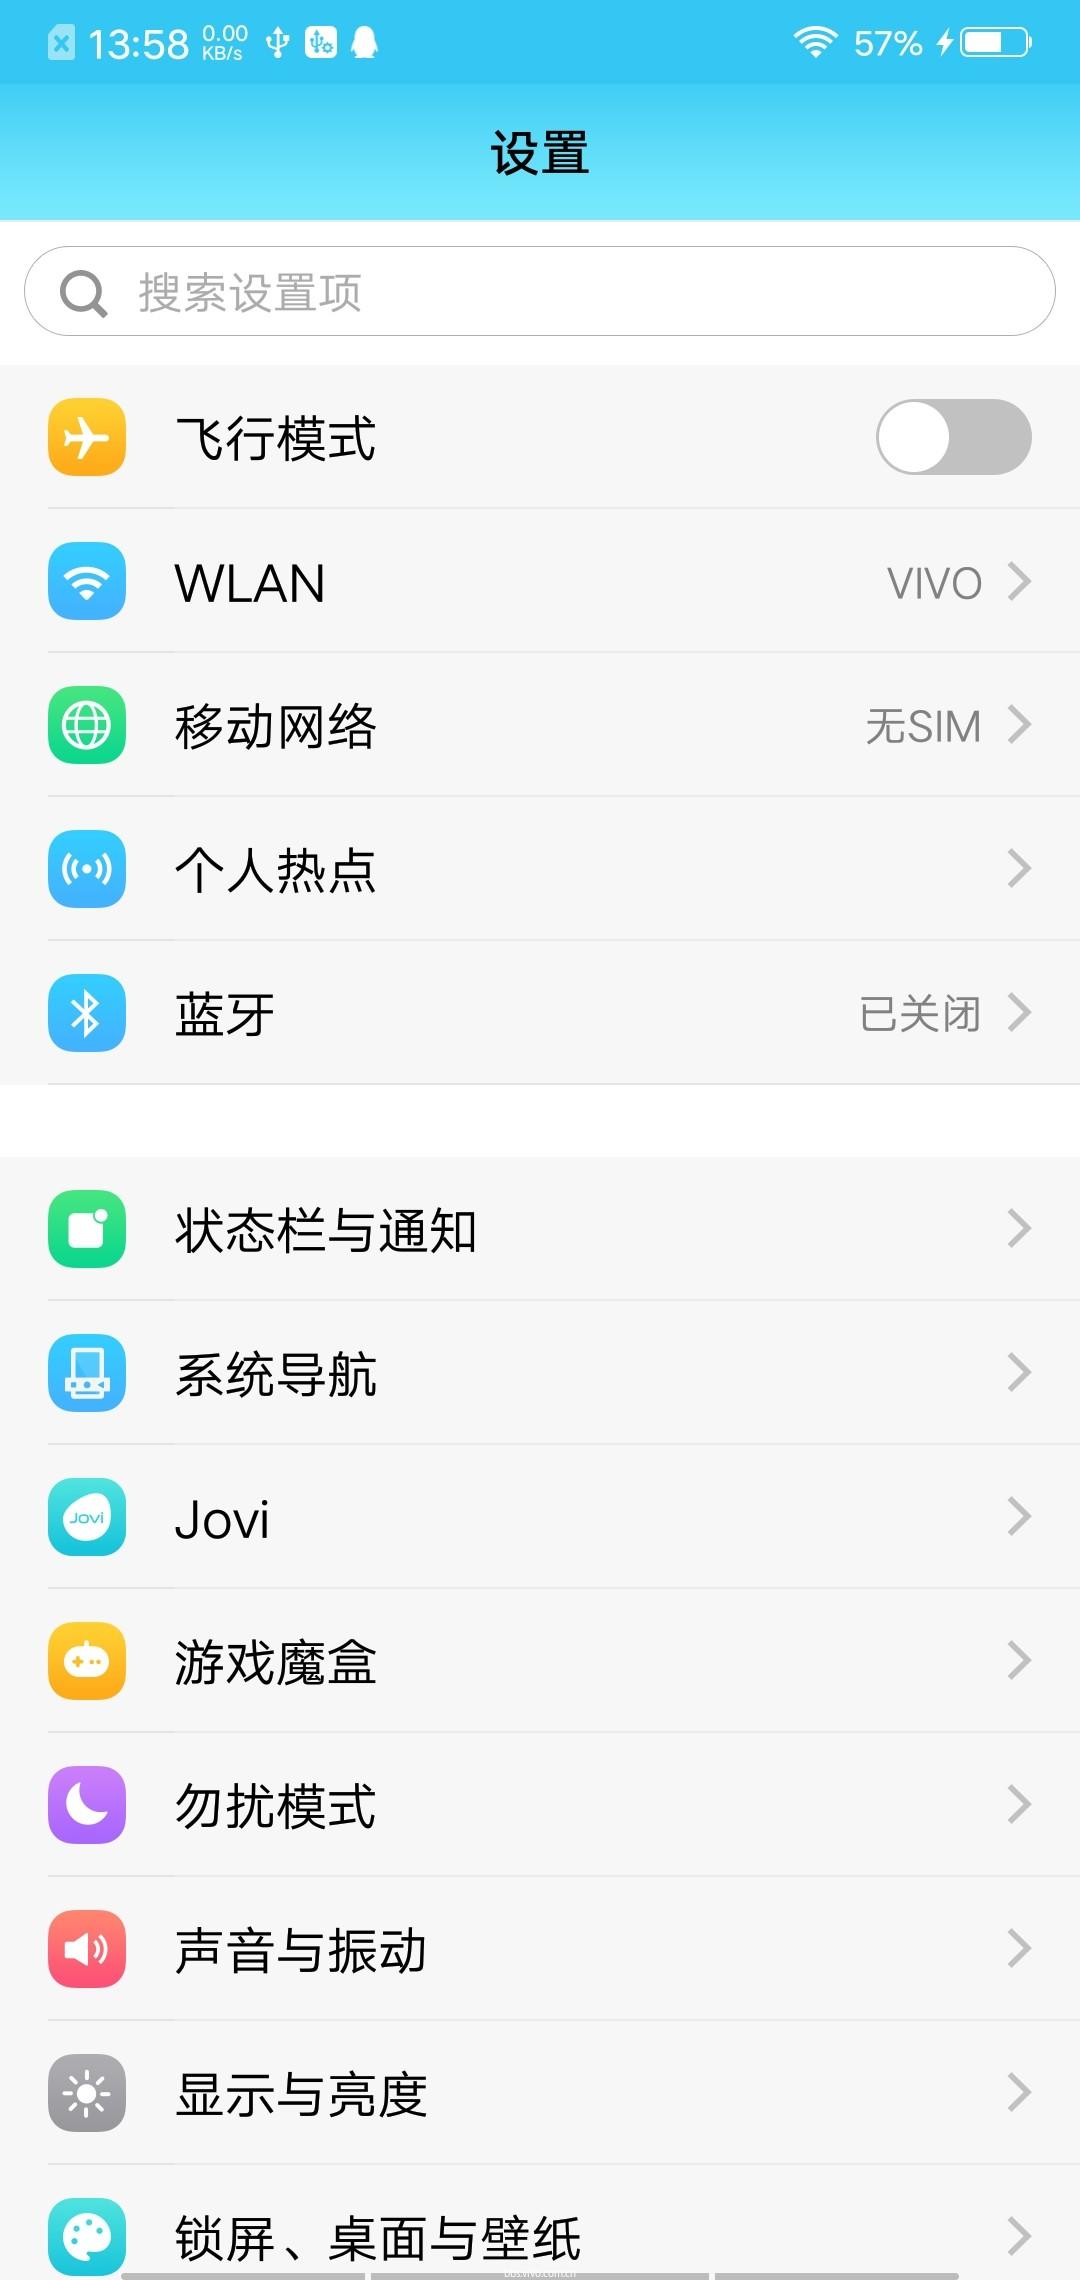 Screenshot_20190308_135851.jpg